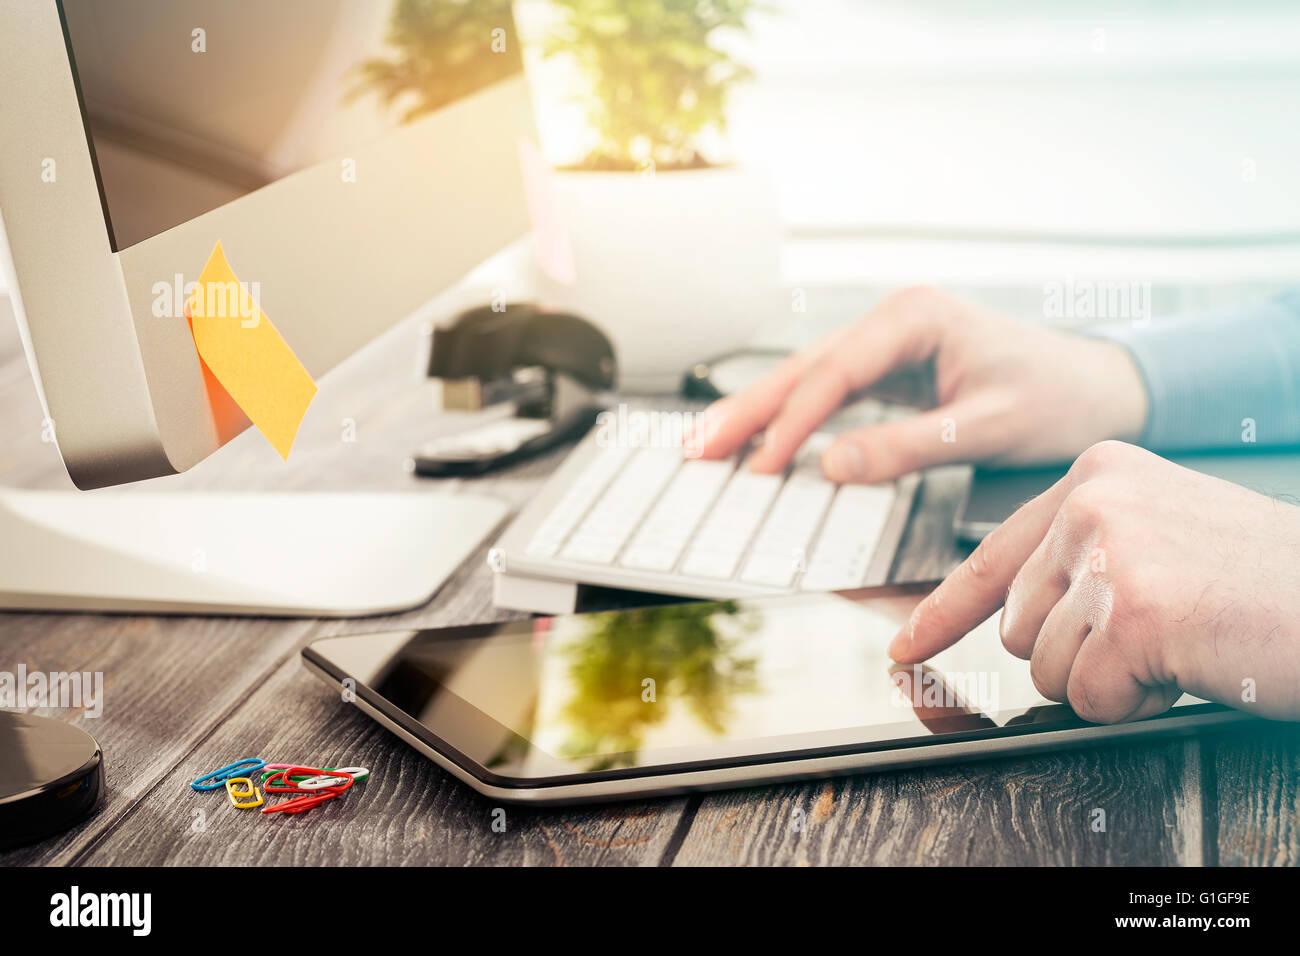 Trabajar con la mano del diseñador digital y tablet pc. Imagen De Stock